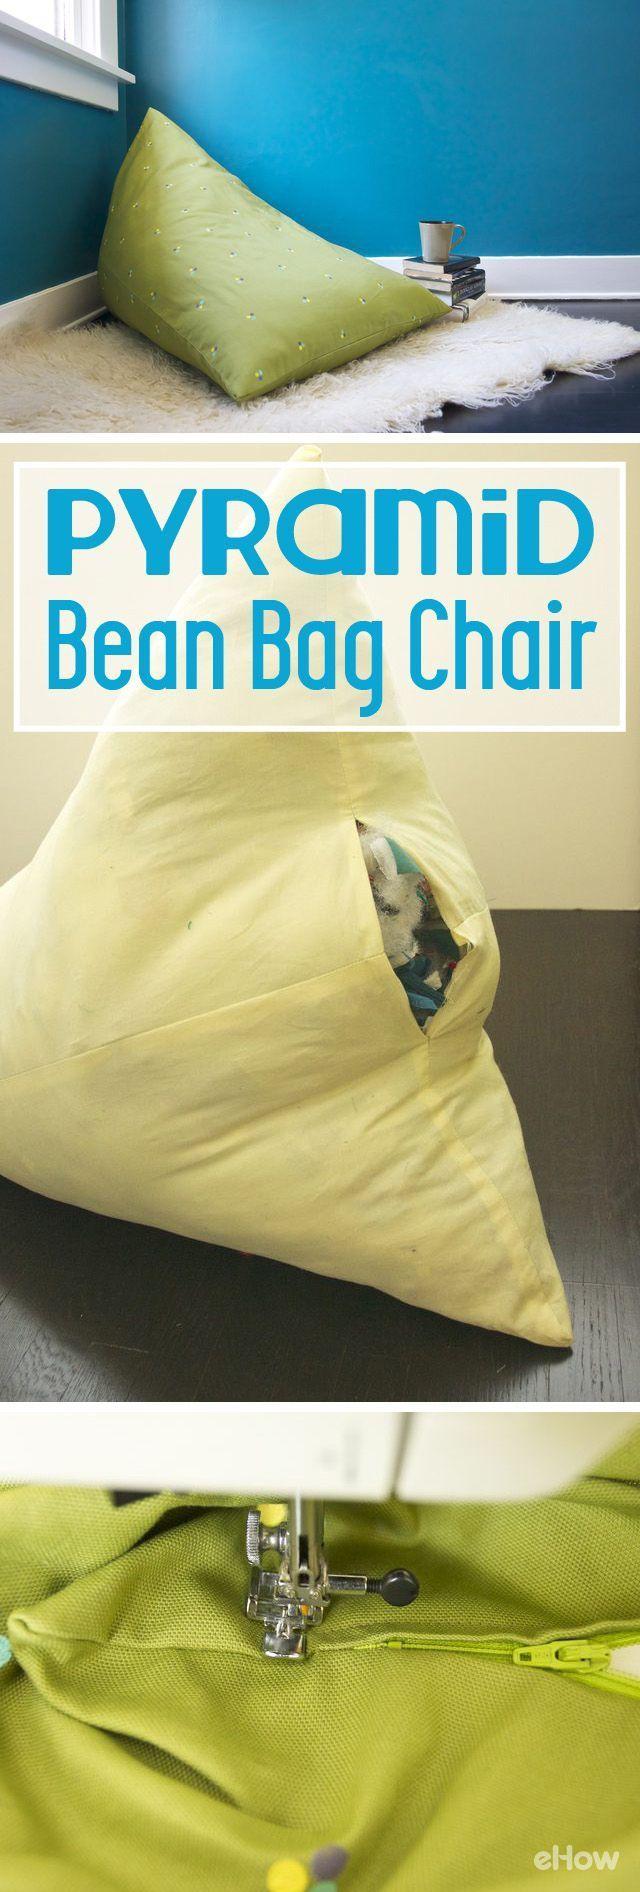 How to Make a Pyramid Beanbag Chair Diy bean bag, Kids